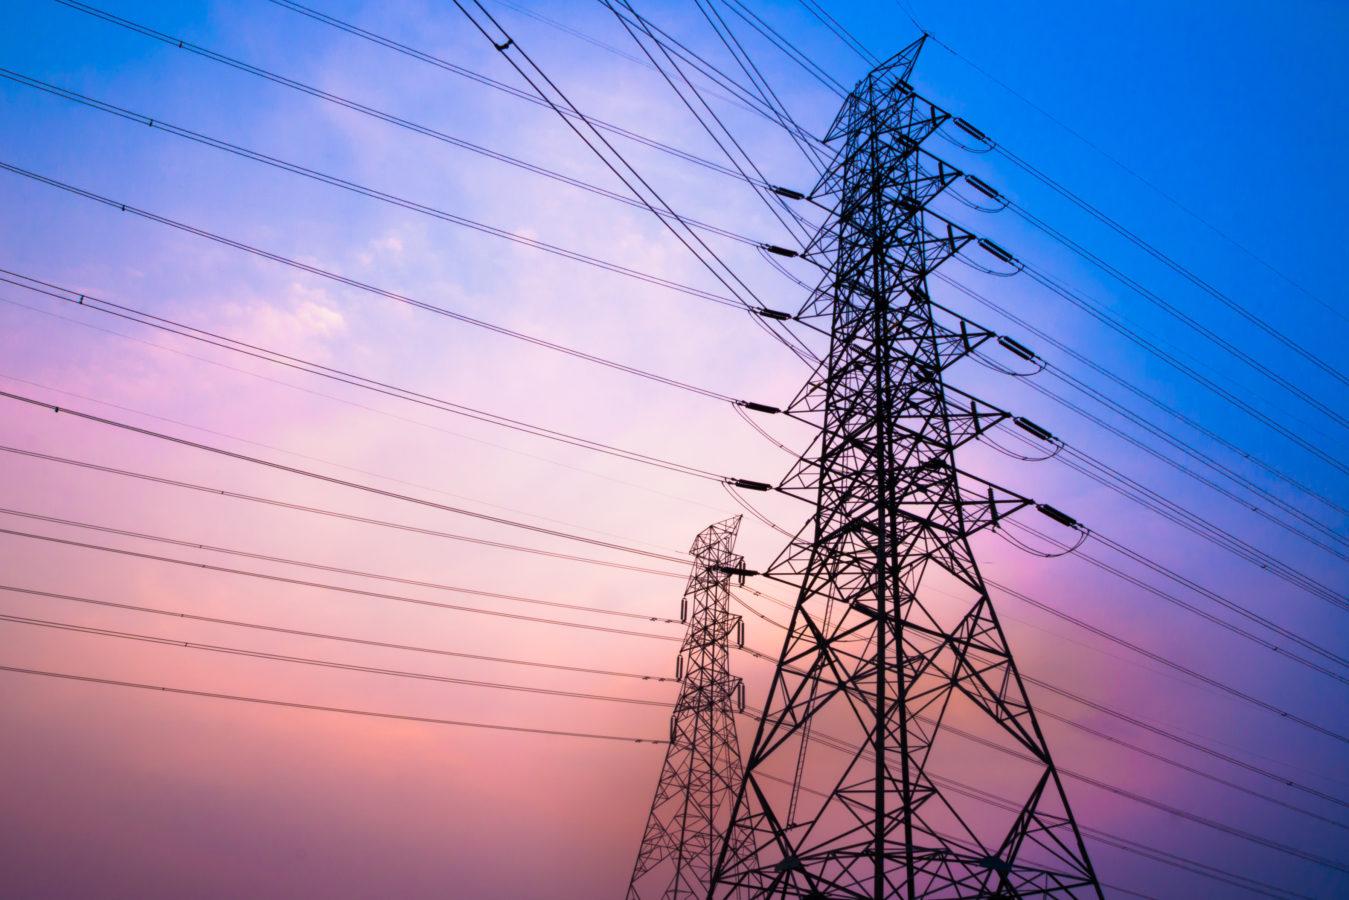 Haute qualité de l'approvisionnement de l'électricité en Suisse